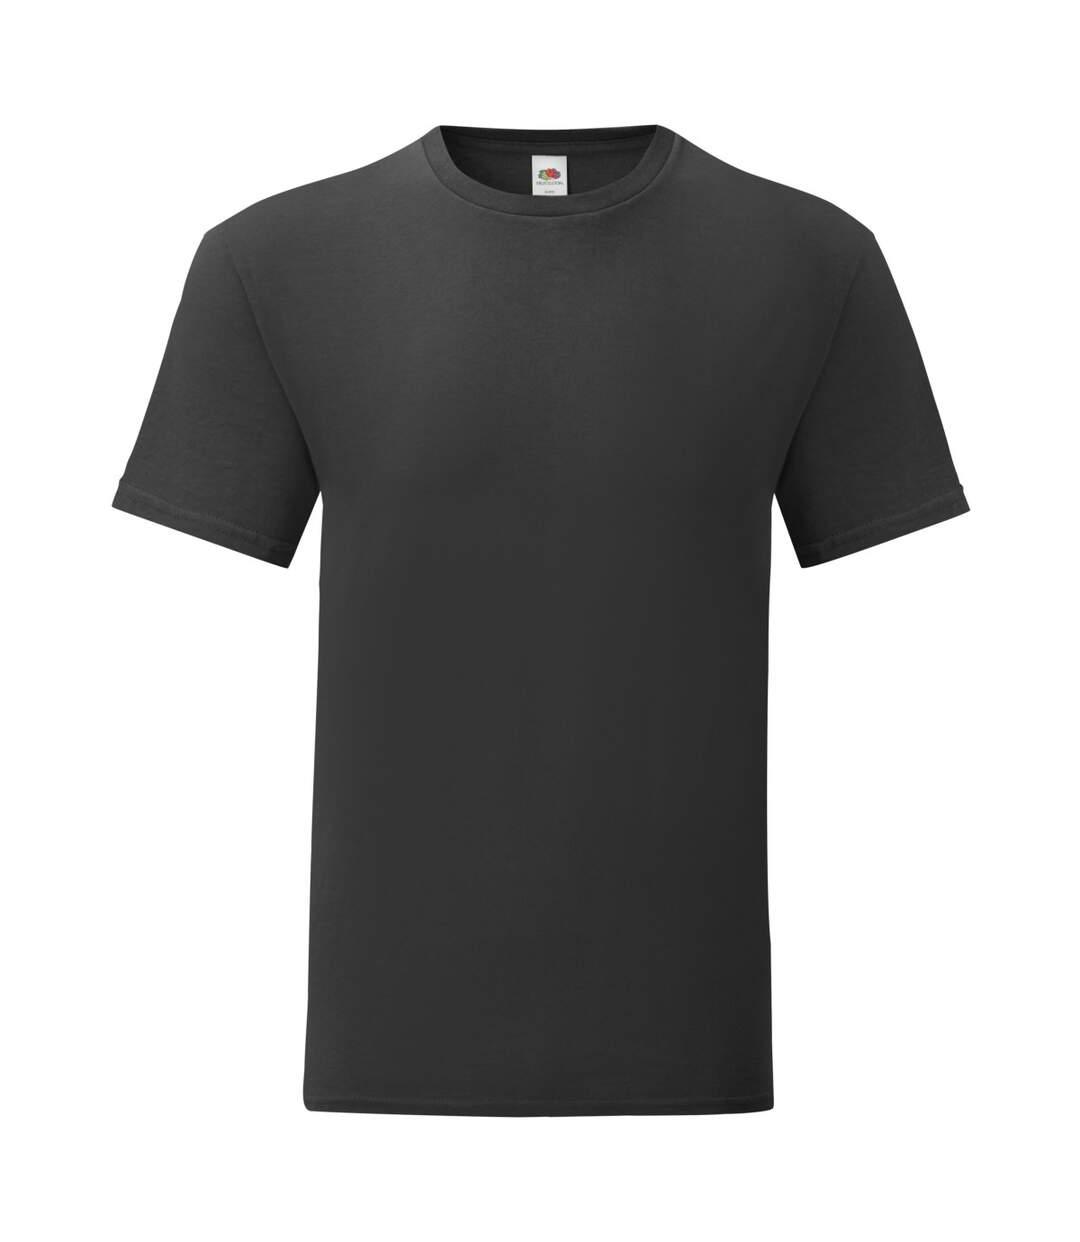 Fruit Of The Loom - T-shirt ICONIC - Hommes (Noir) - UTPC3389